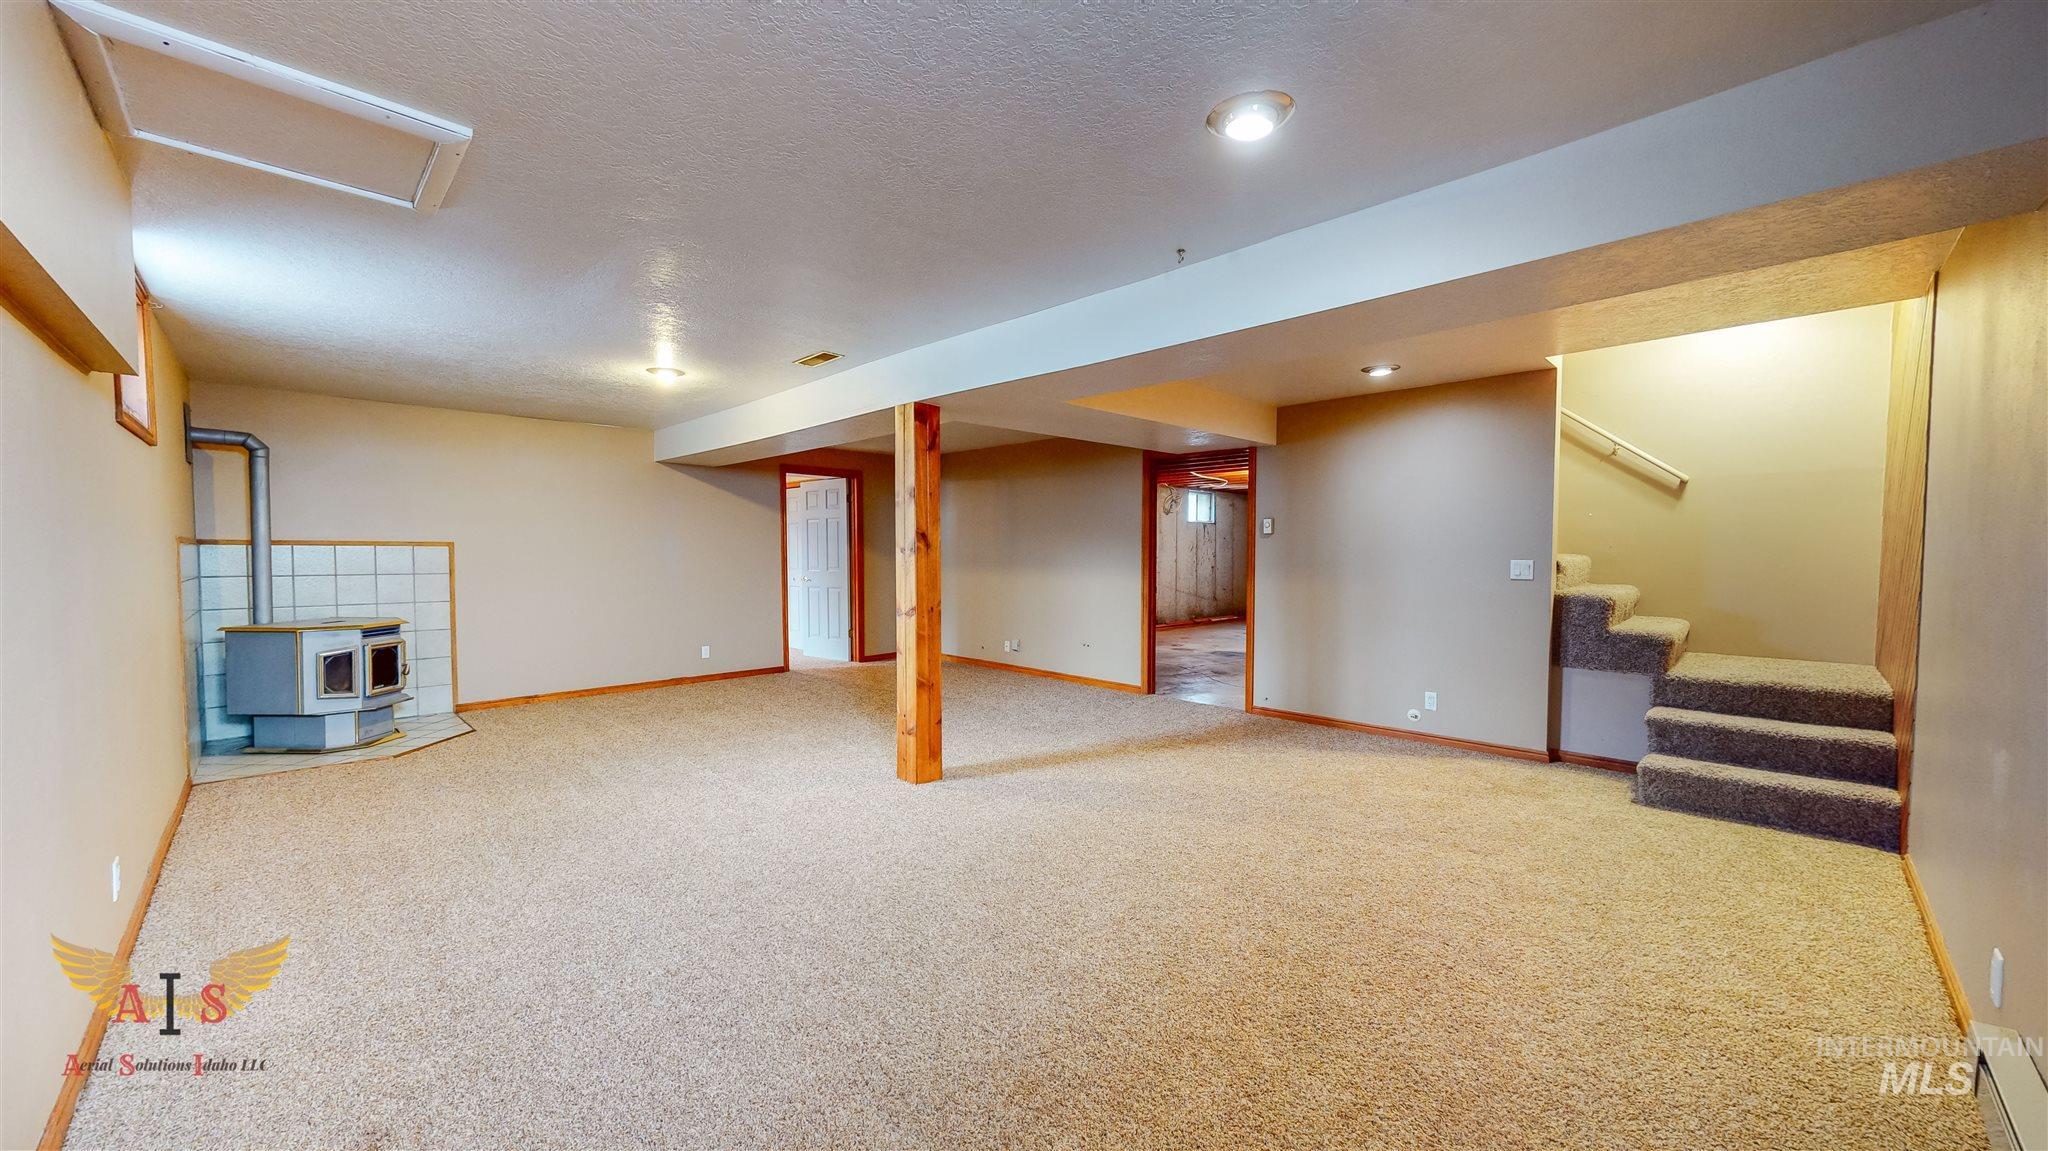 352 S 500 W Property Photo 16